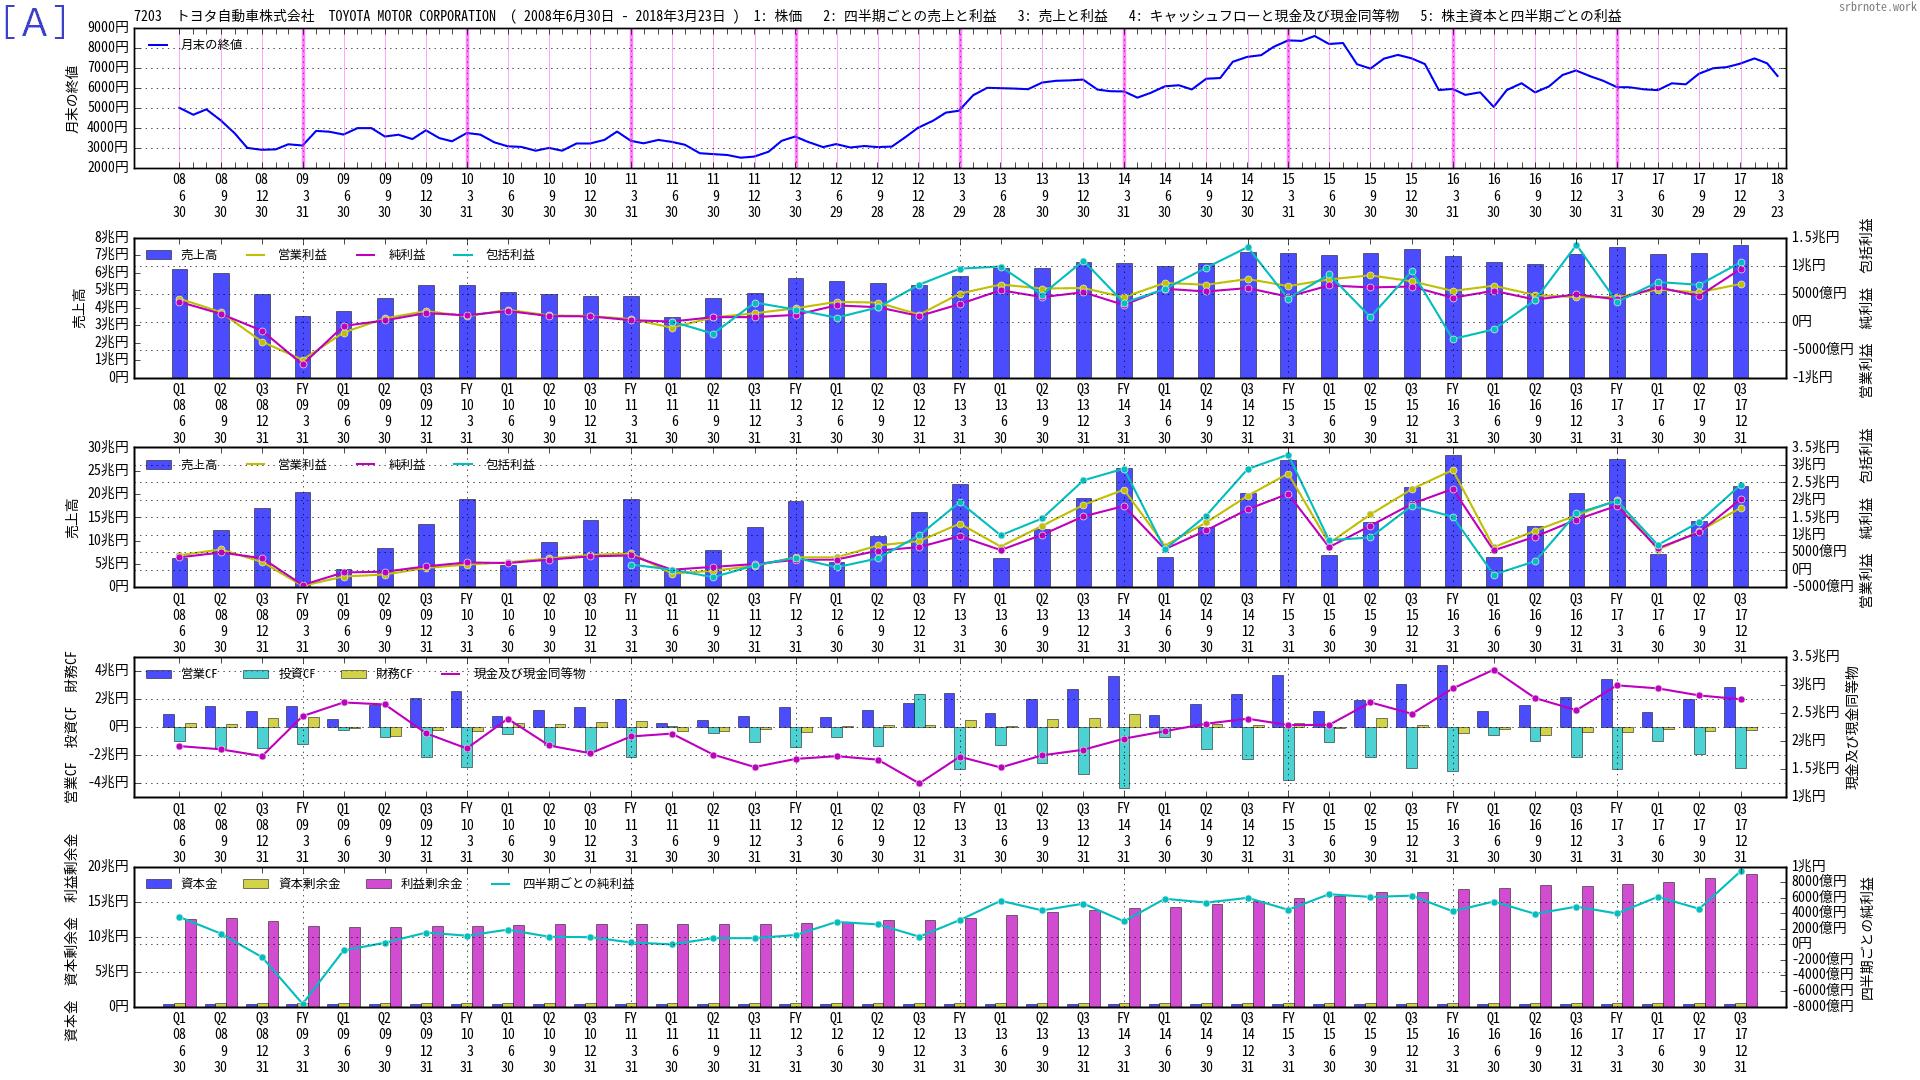 株価と財務のマルチチャートA 7203 トヨタ自動車株式会社